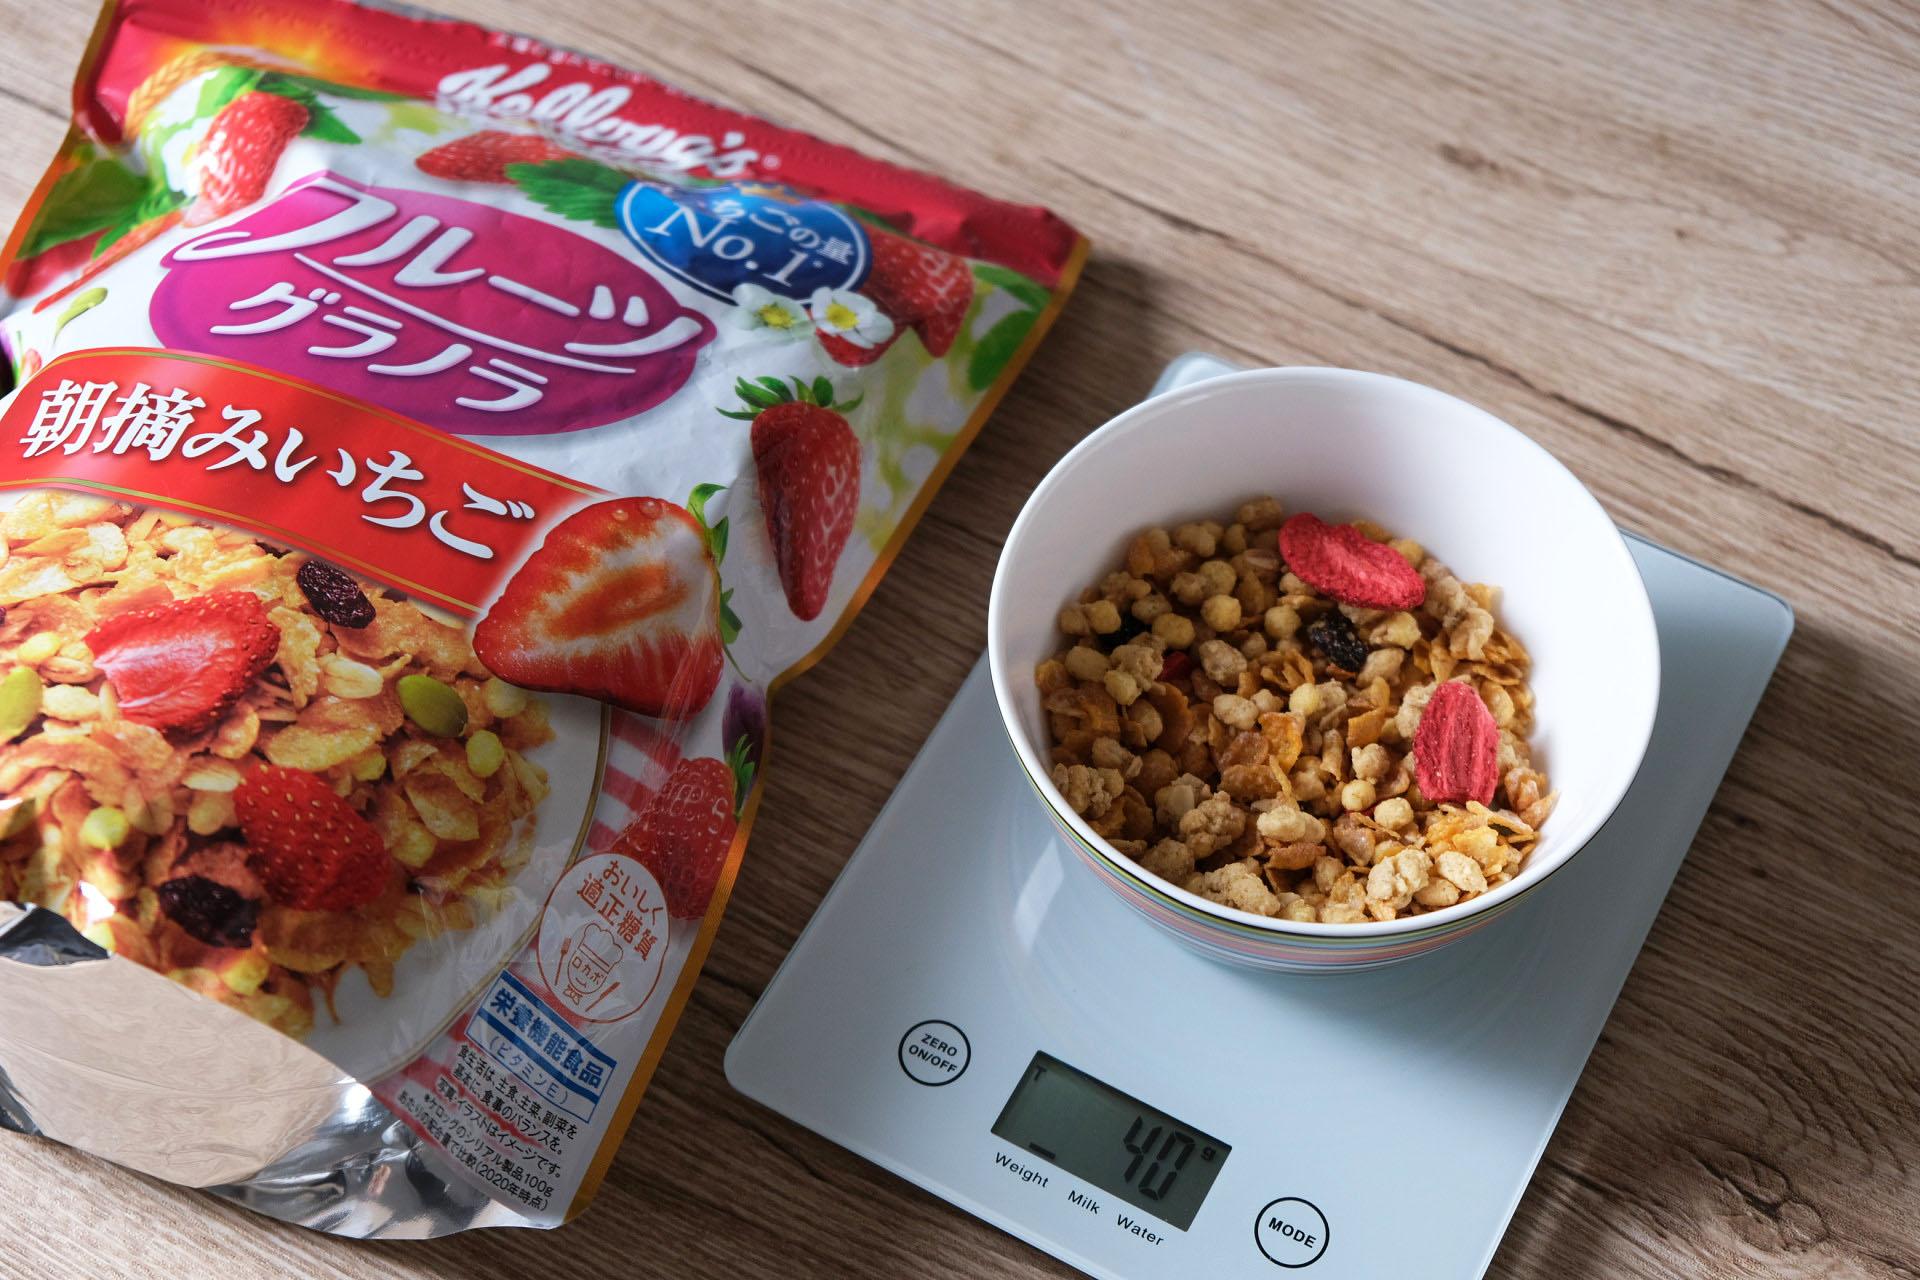 「フルーツグラノラ 朝摘みいちご」のグラムごとの写真とカロリーなどの栄養成分まとめ